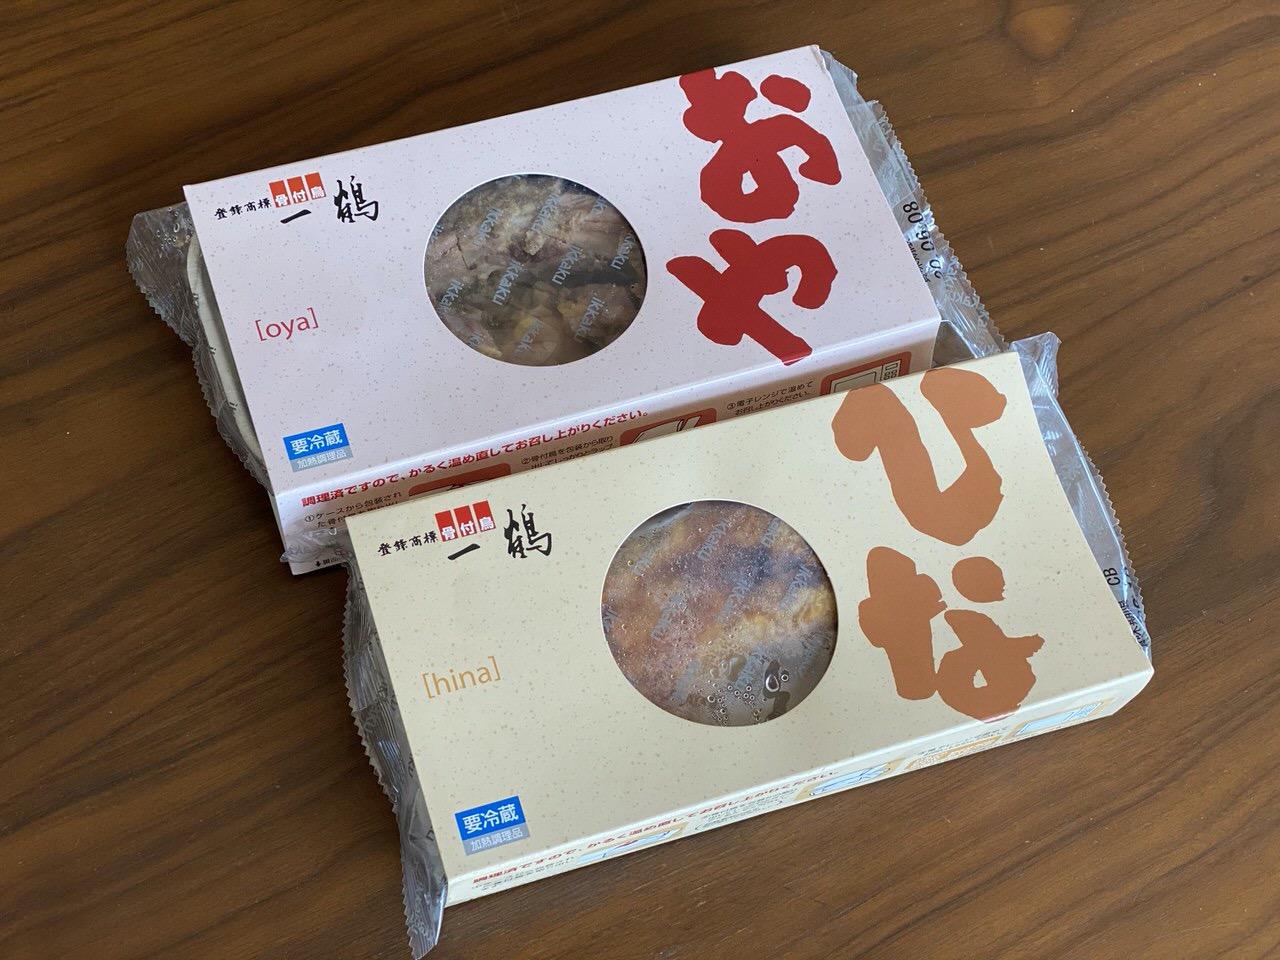 """香川ご当地名物の鶏もも焼き「一鶴の骨付鳥」鶏が回転してバターになったらこんな味がするんだろうなという""""おやどり""""の濃厚な脂がたまらなく美味!"""